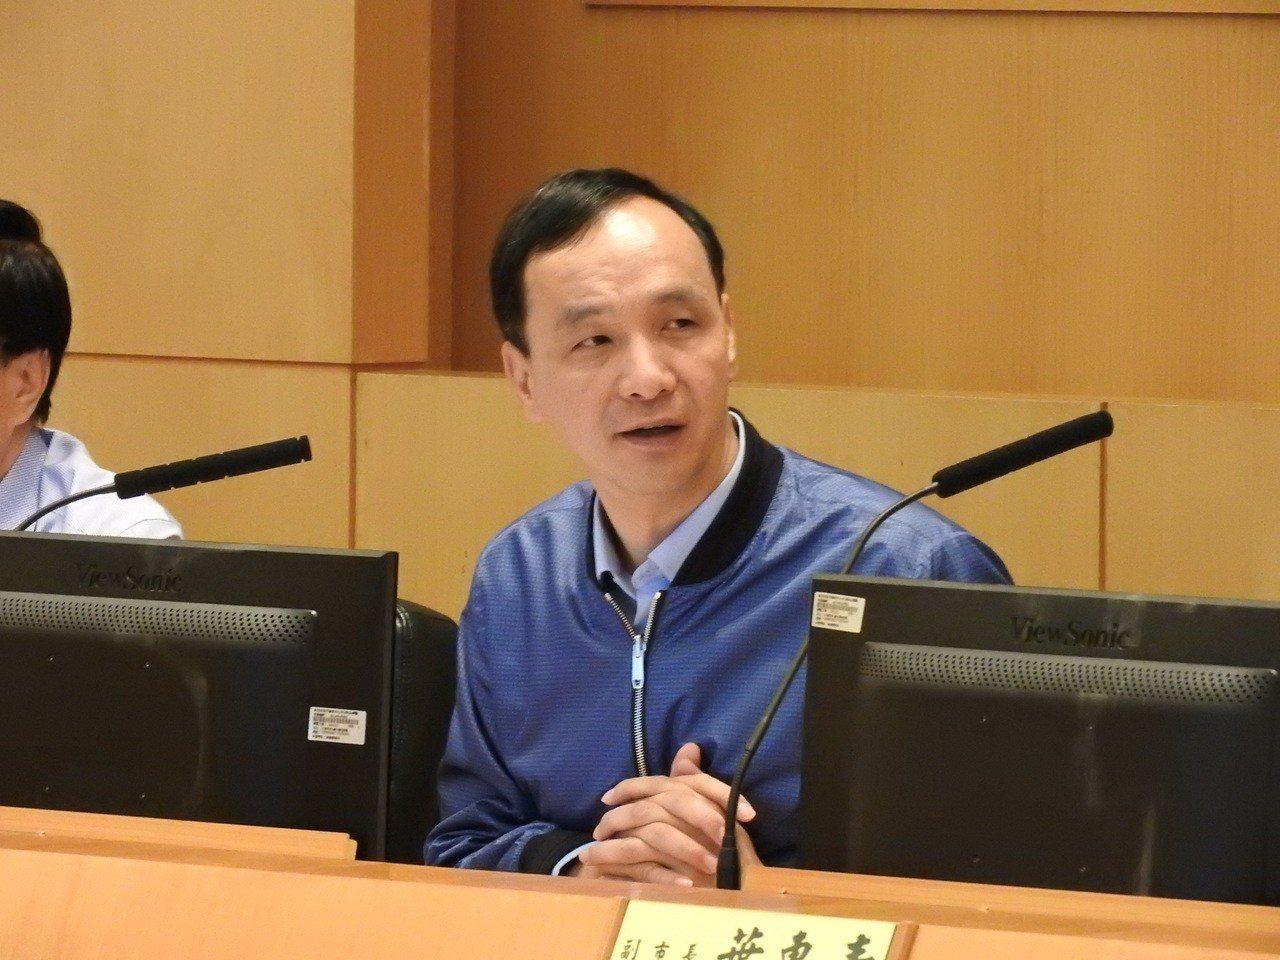 新北市長朱立倫昨天在市政會議上細數過去建設成果時,提到淡海輕軌23日將通車。記者...